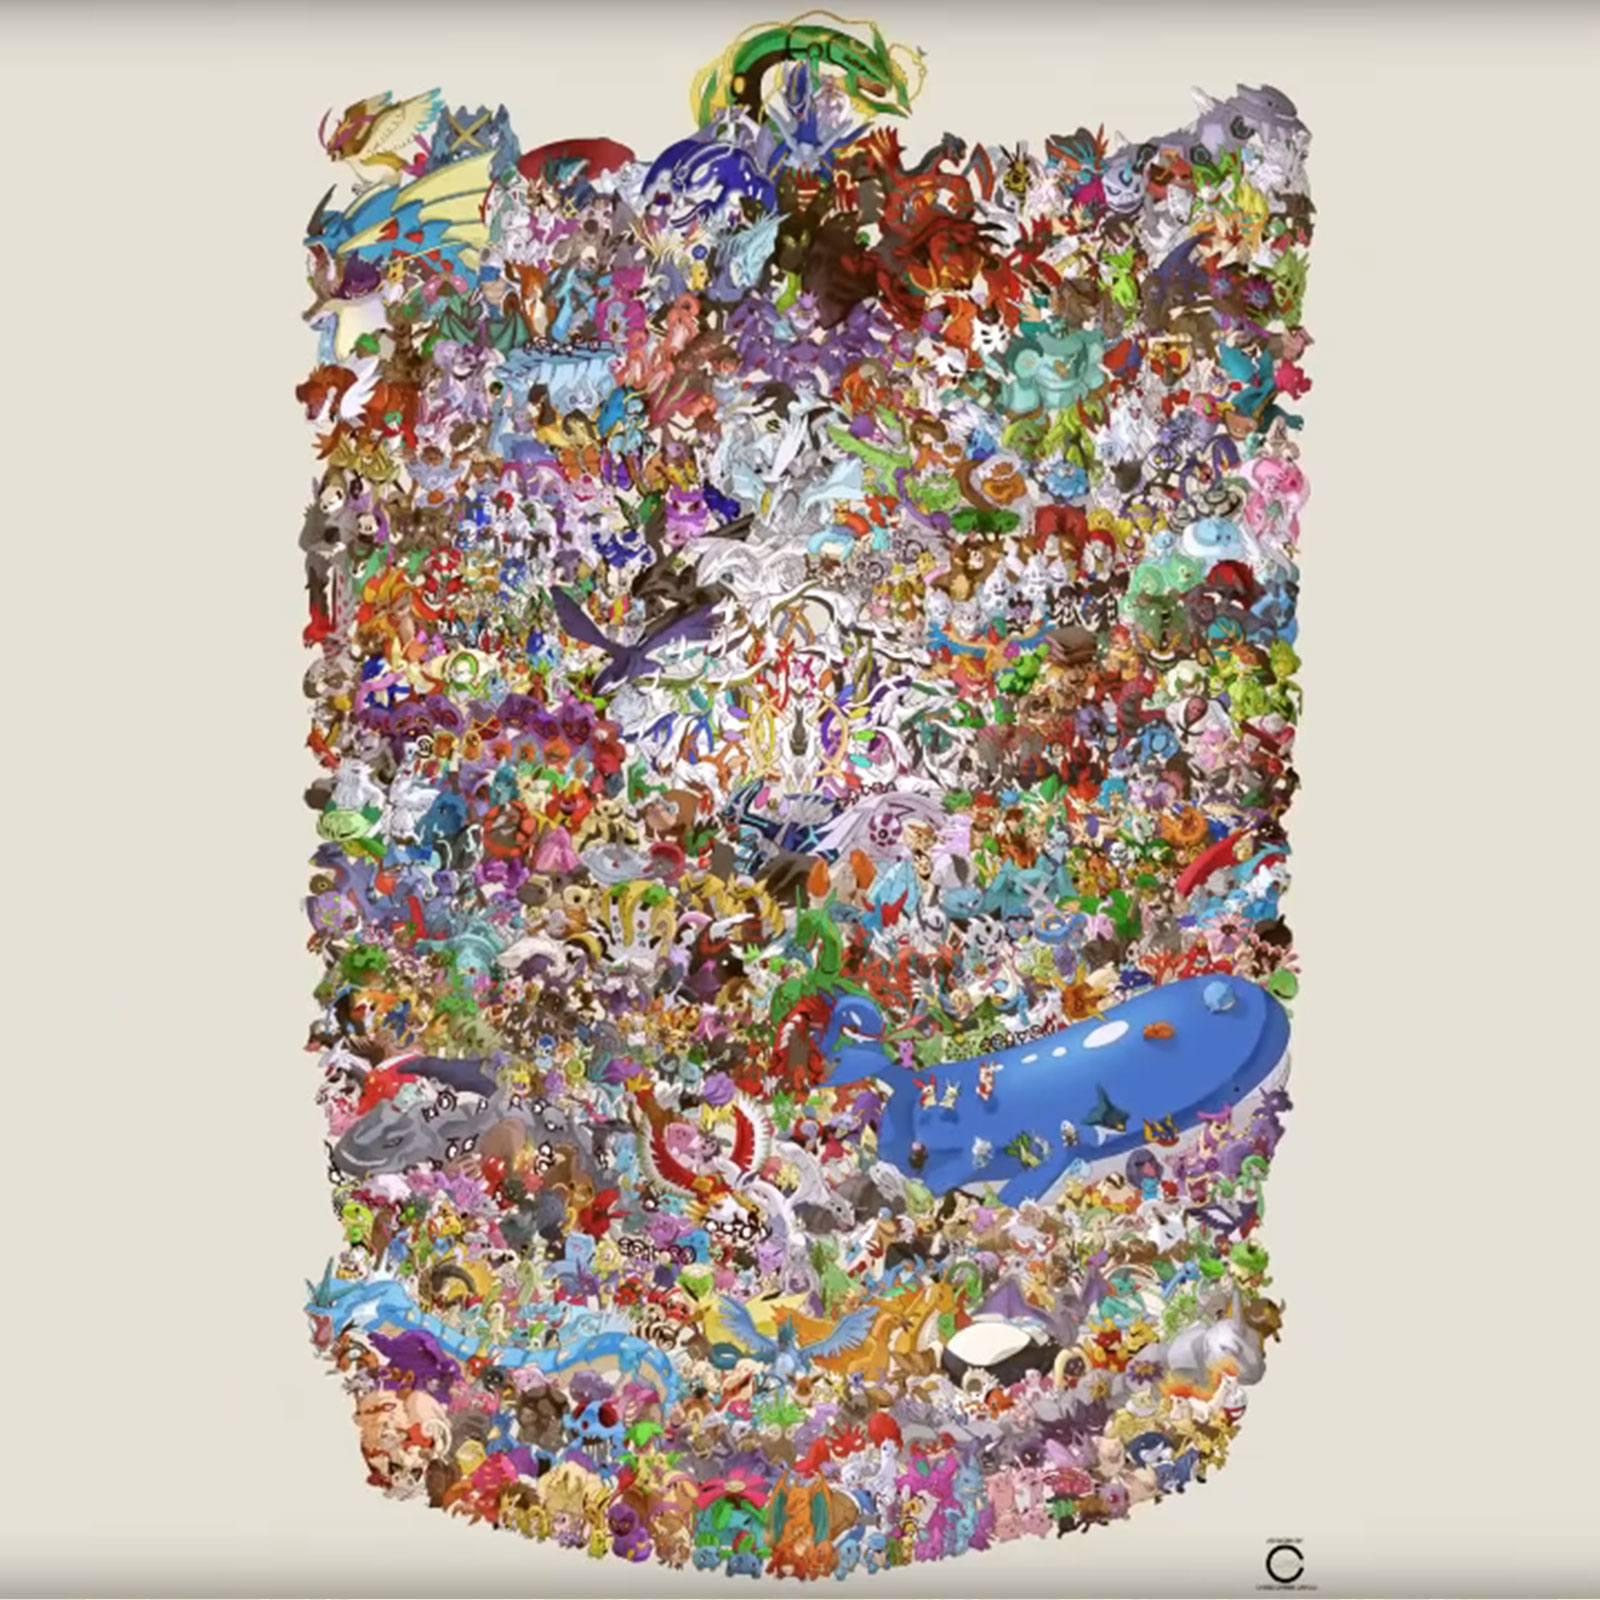 L'artiste Ccayco dessine près de 1200 Pokémon